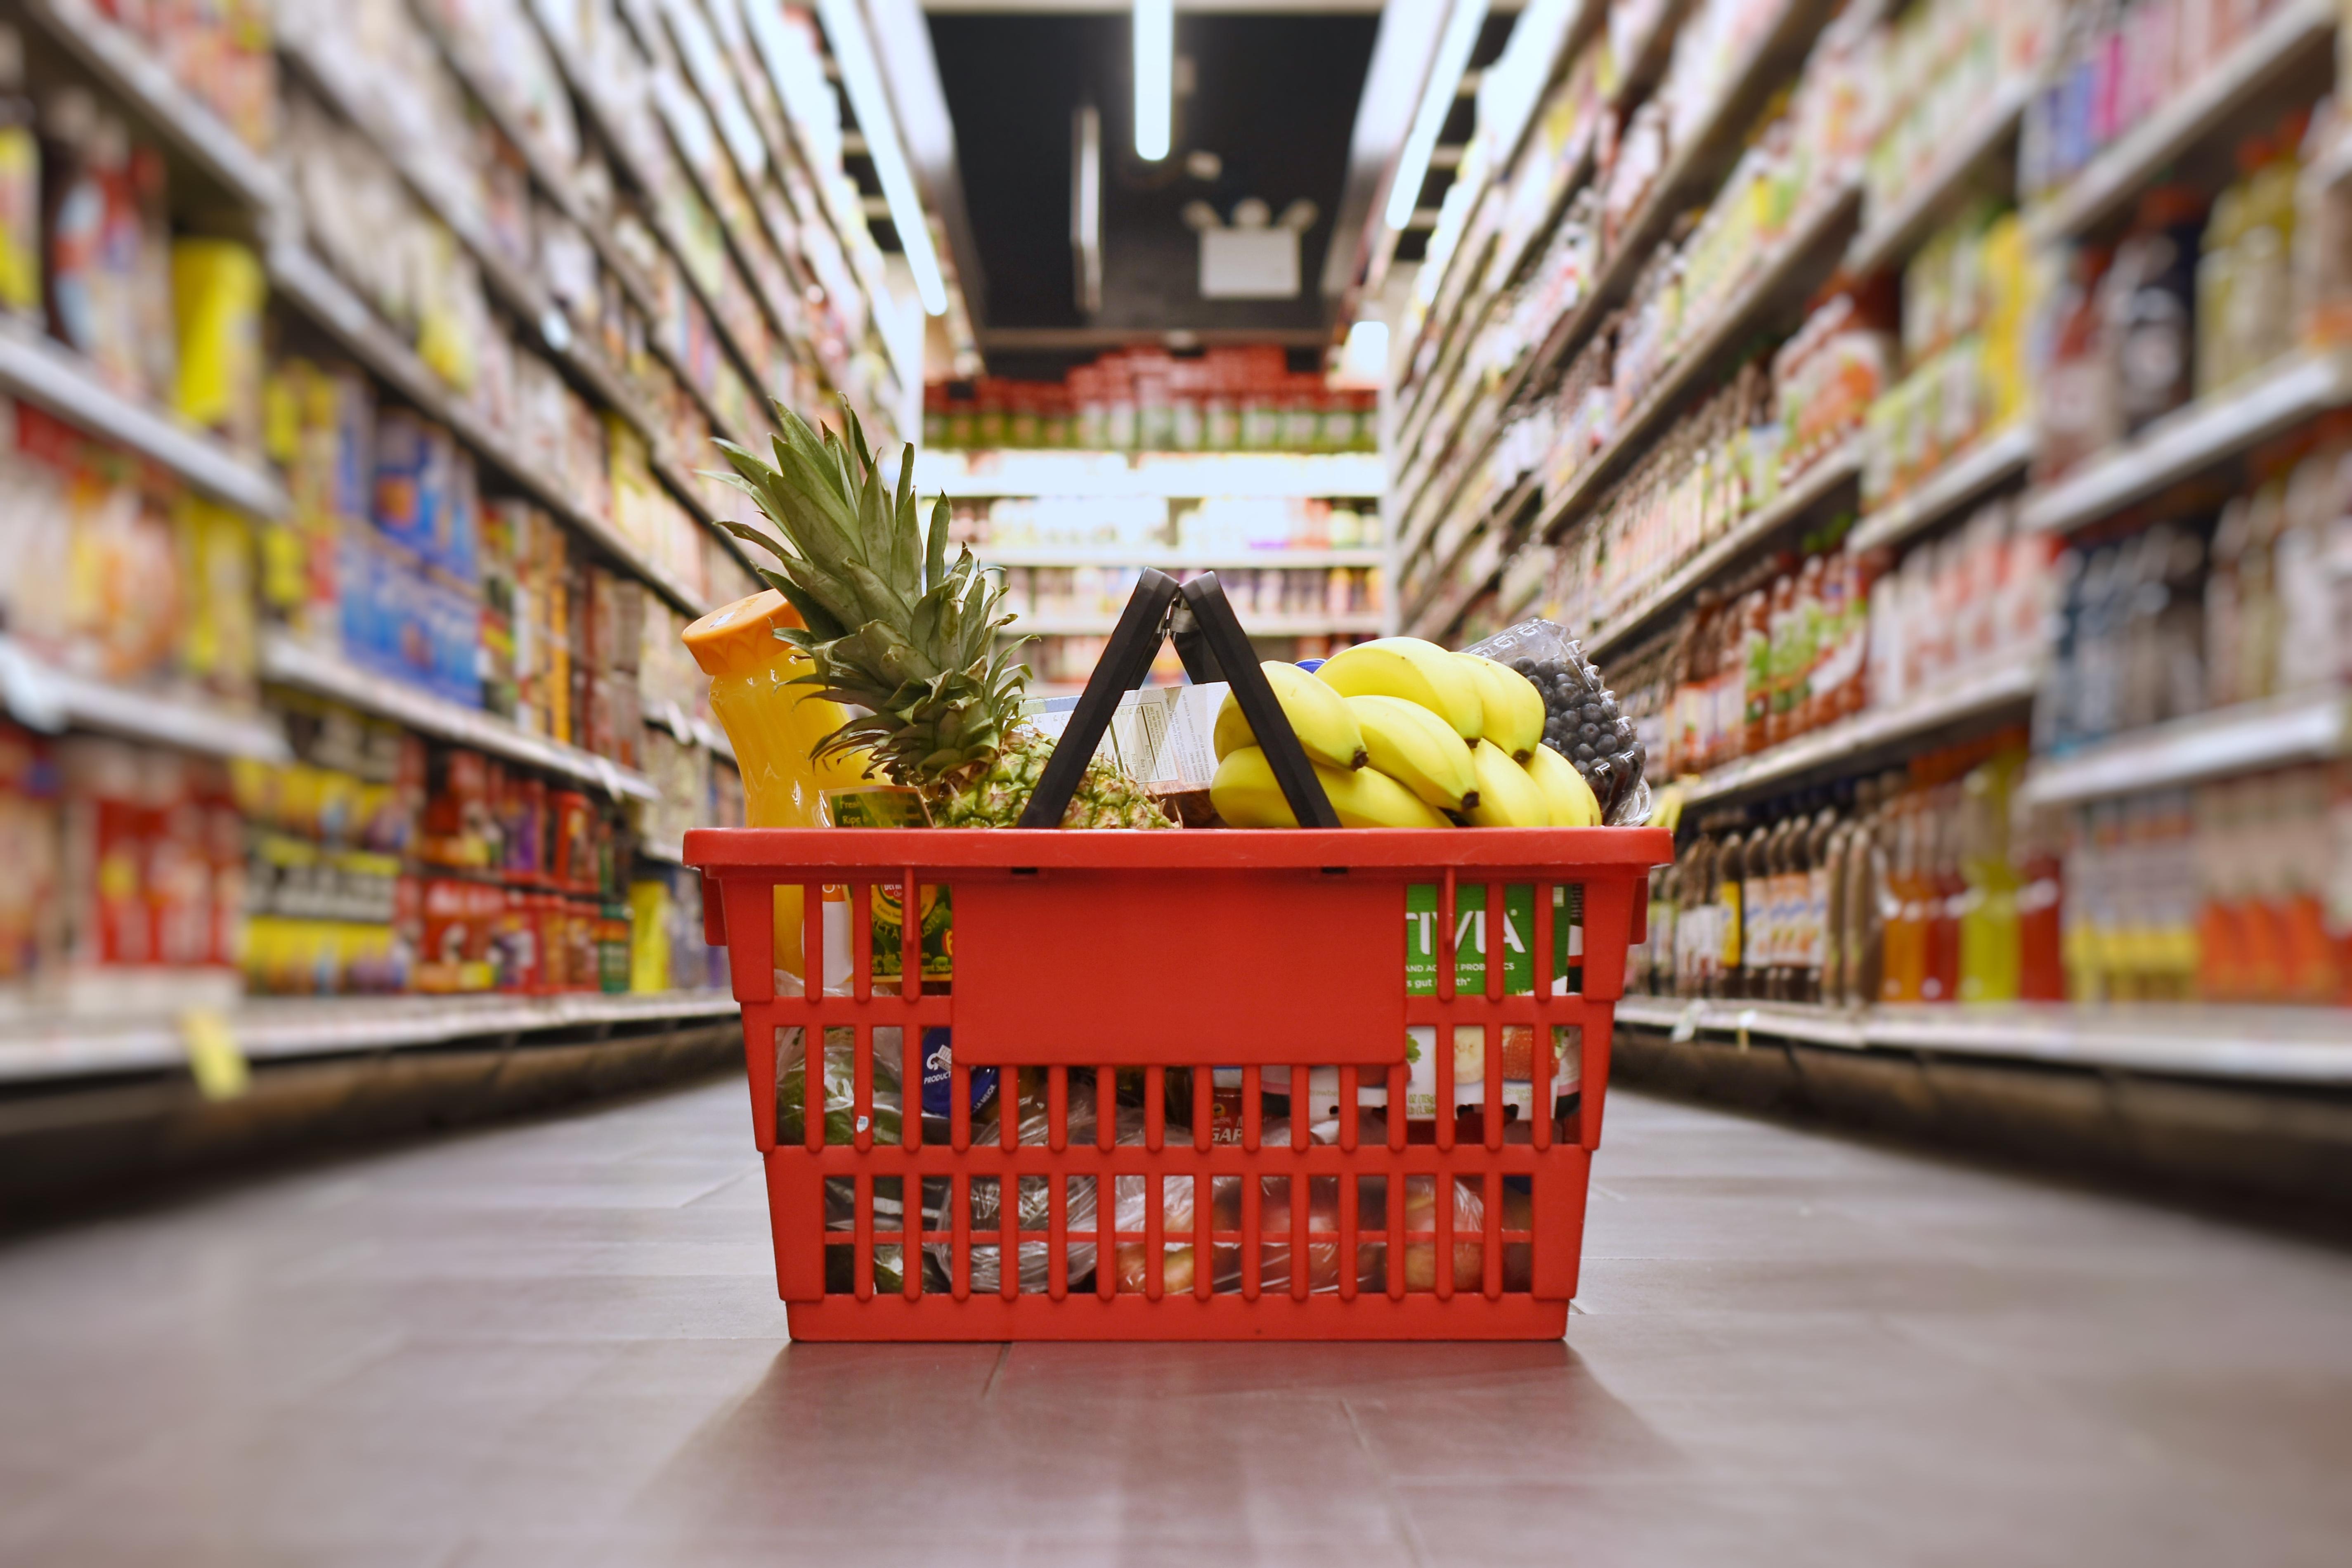 <p><strong>3. Разумно пазаруване -</strong> Пазаруването по план може да ви помогне да избегнете спонтанни придобивки, за които по-късно може да съжалявате. Ако влезете в магазина със списък с необходимите продукти рискът да се сдобиете с нещо излишно е по-малък. За целта можете да използвате и мобилни приложения. Освен това е много важно да не влизате в магазина на гладен стомах и да отделяте ограничено време за пазаруване.</p>